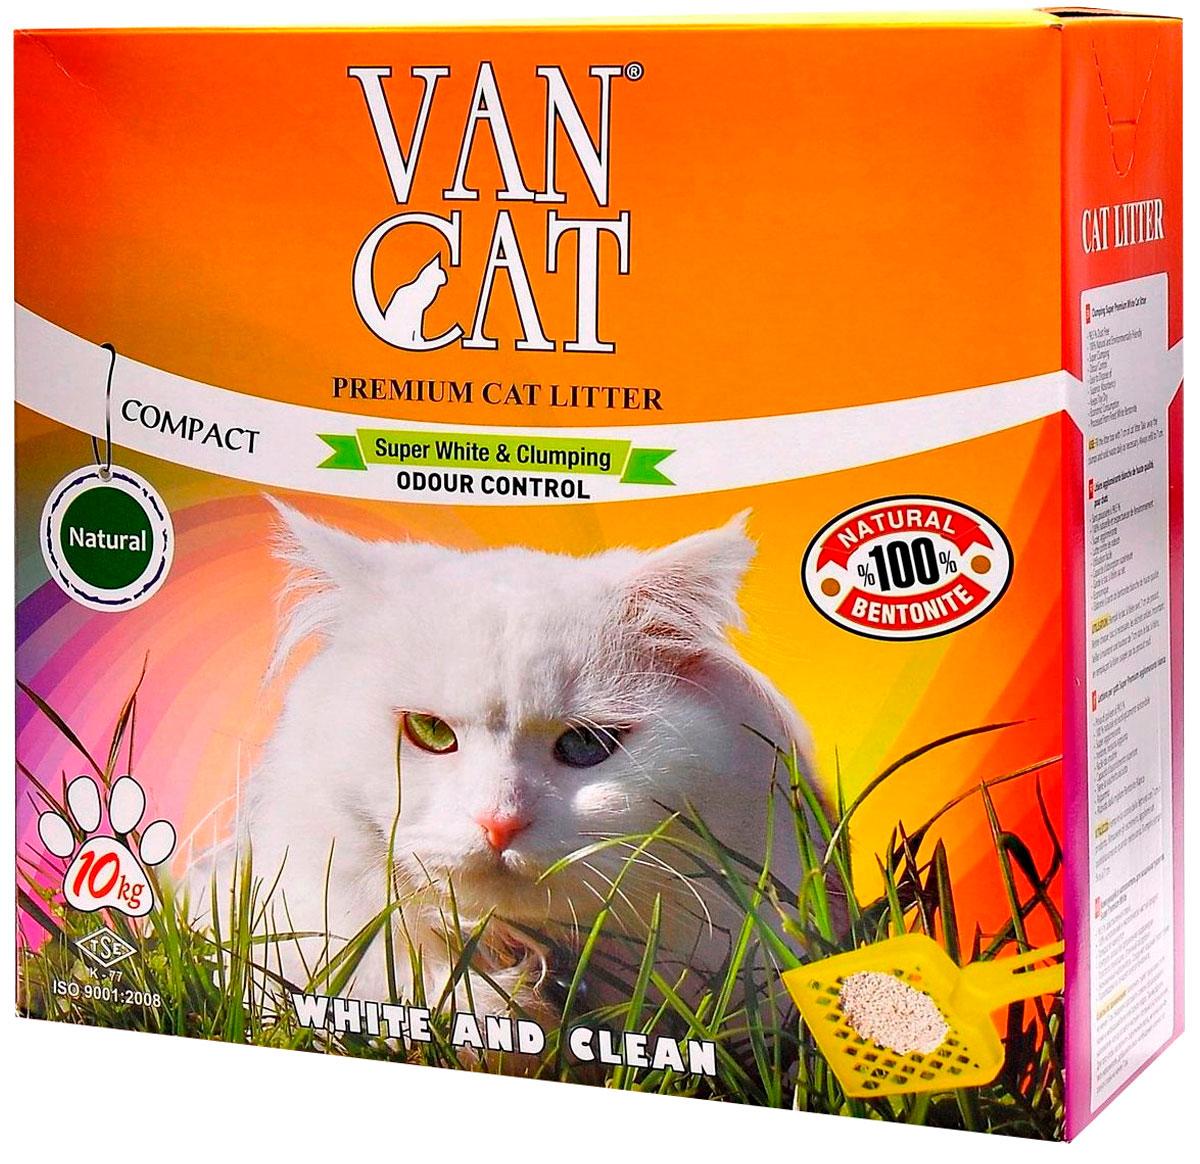 Фото - Van Cat Natural наполнитель комкующийся для туалета кошек 100 % Натуральный коробка (10 кг) комкующийся наполнитель